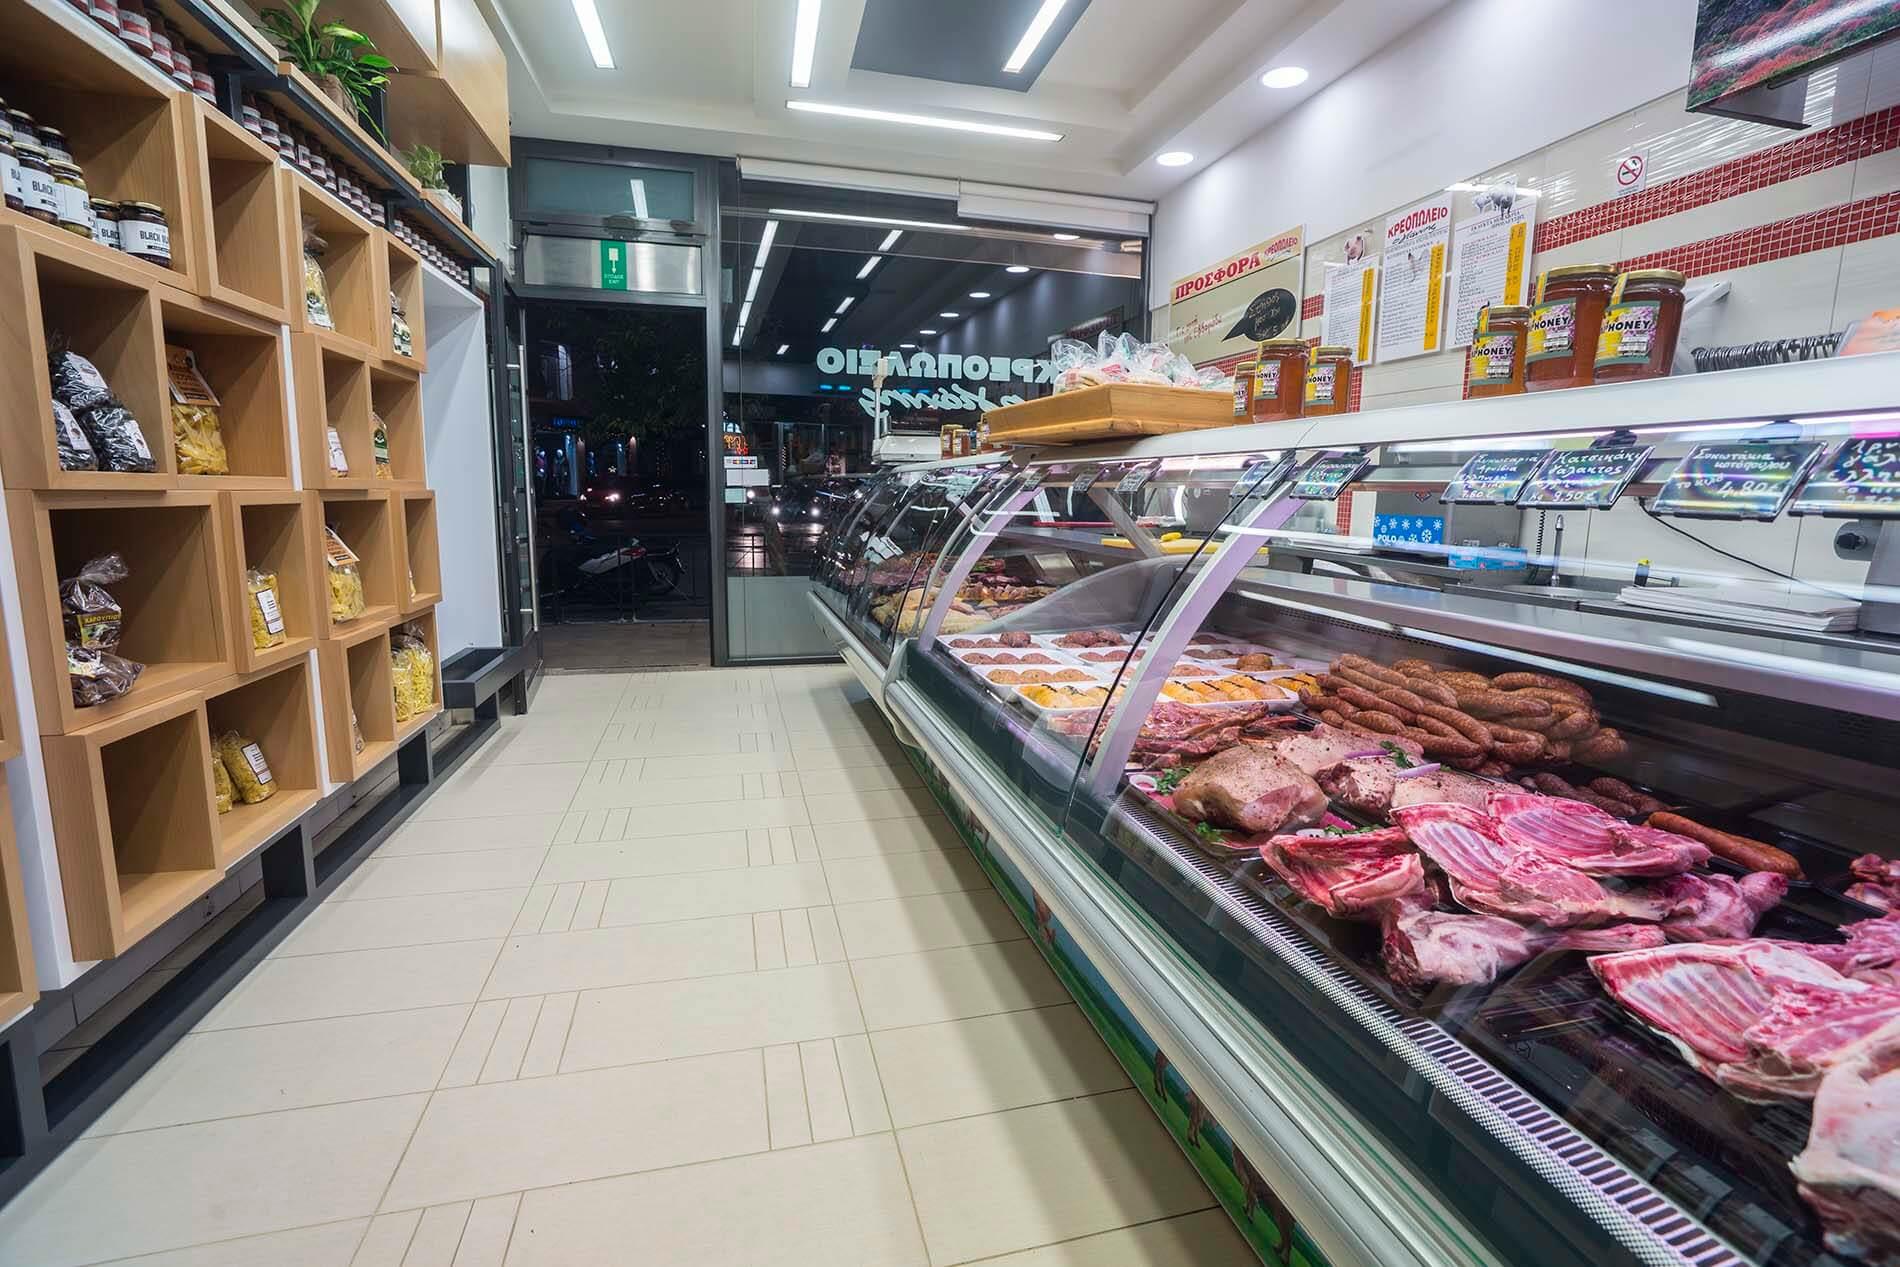 Πώληση Κρέατος στα Χανιά